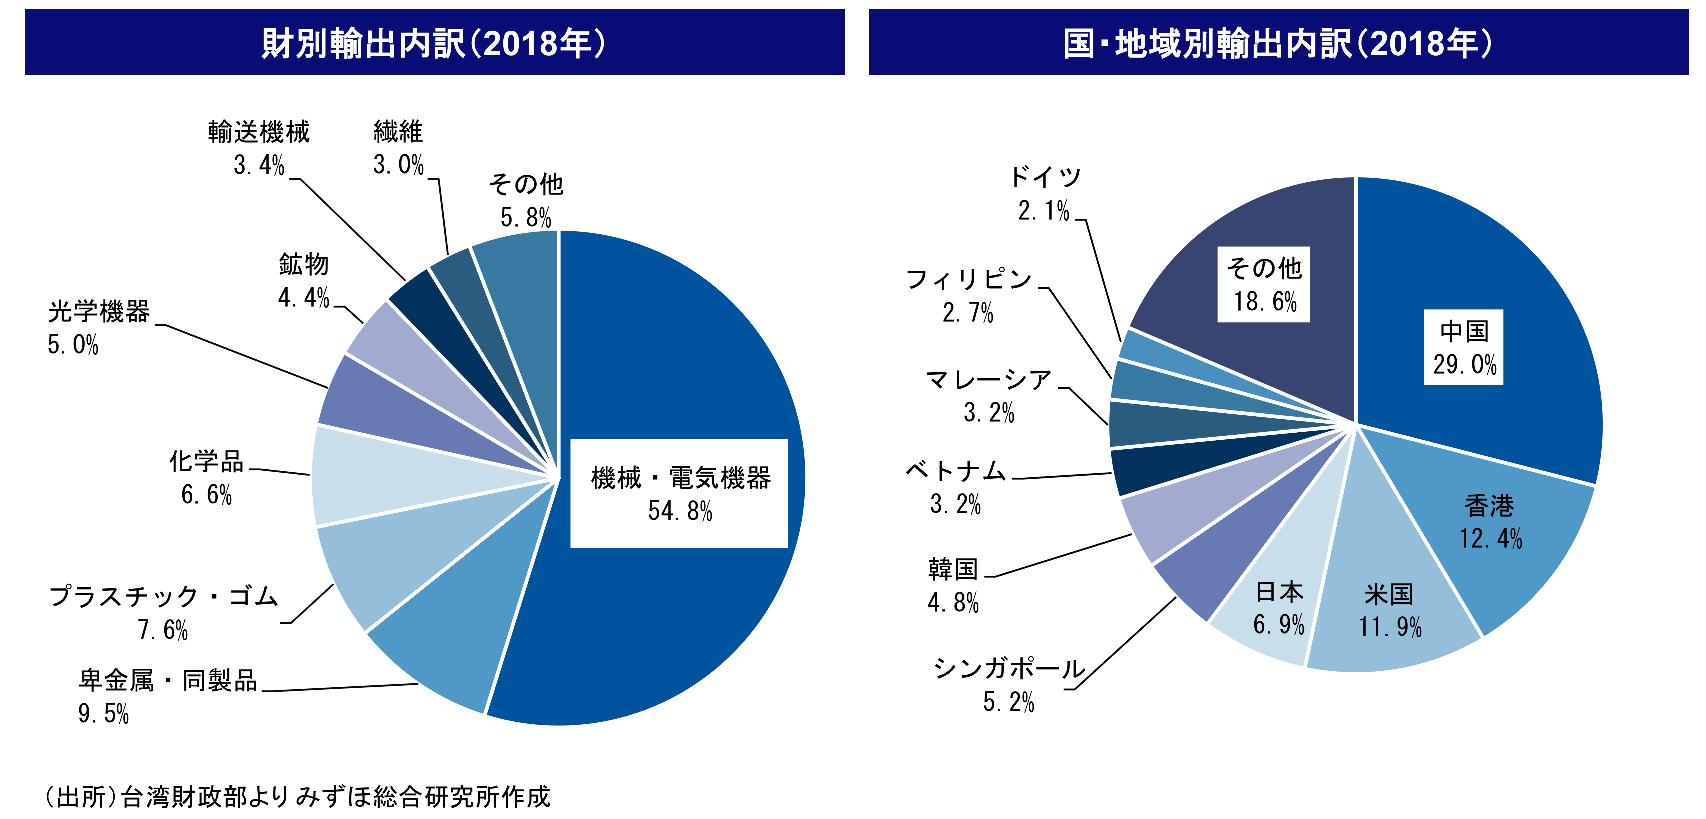 台湾の輸出財と輸出国内訳